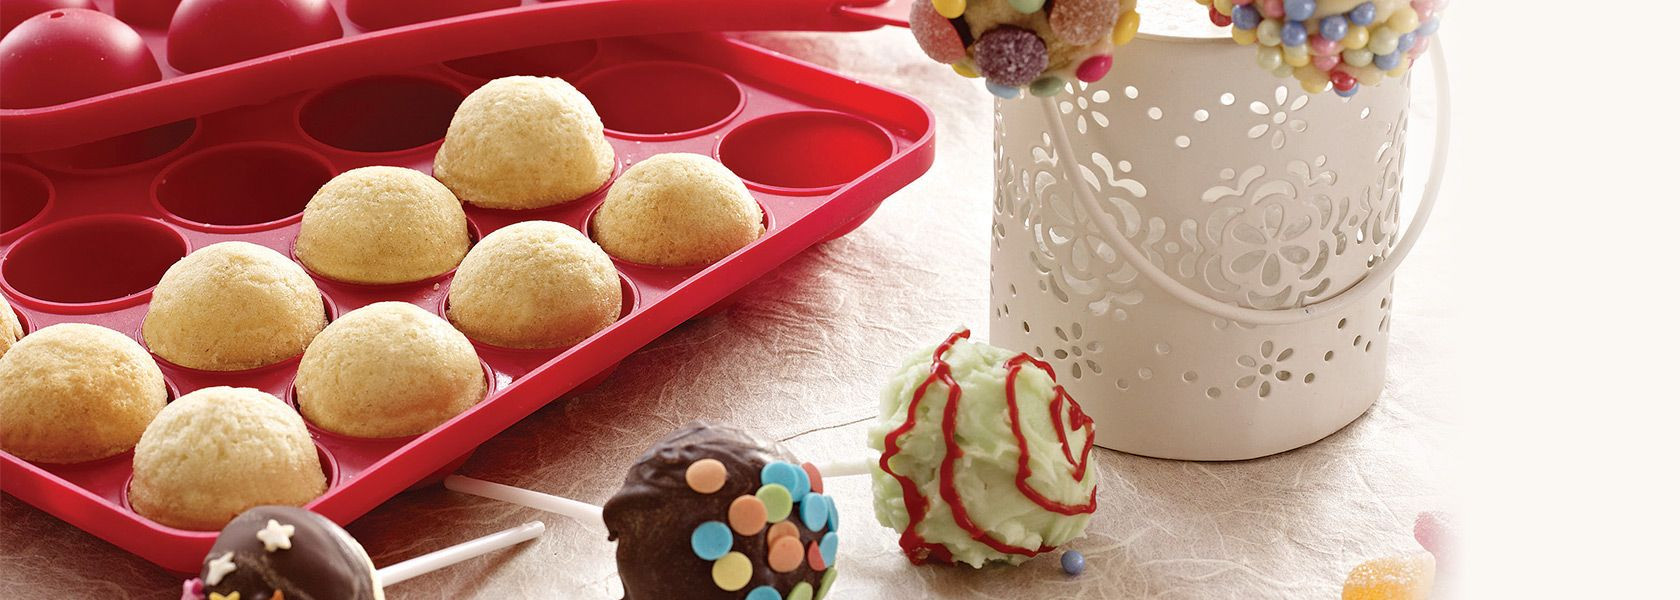 Cake Pop Recipes  Cake Pop Recipe Dunelm blog